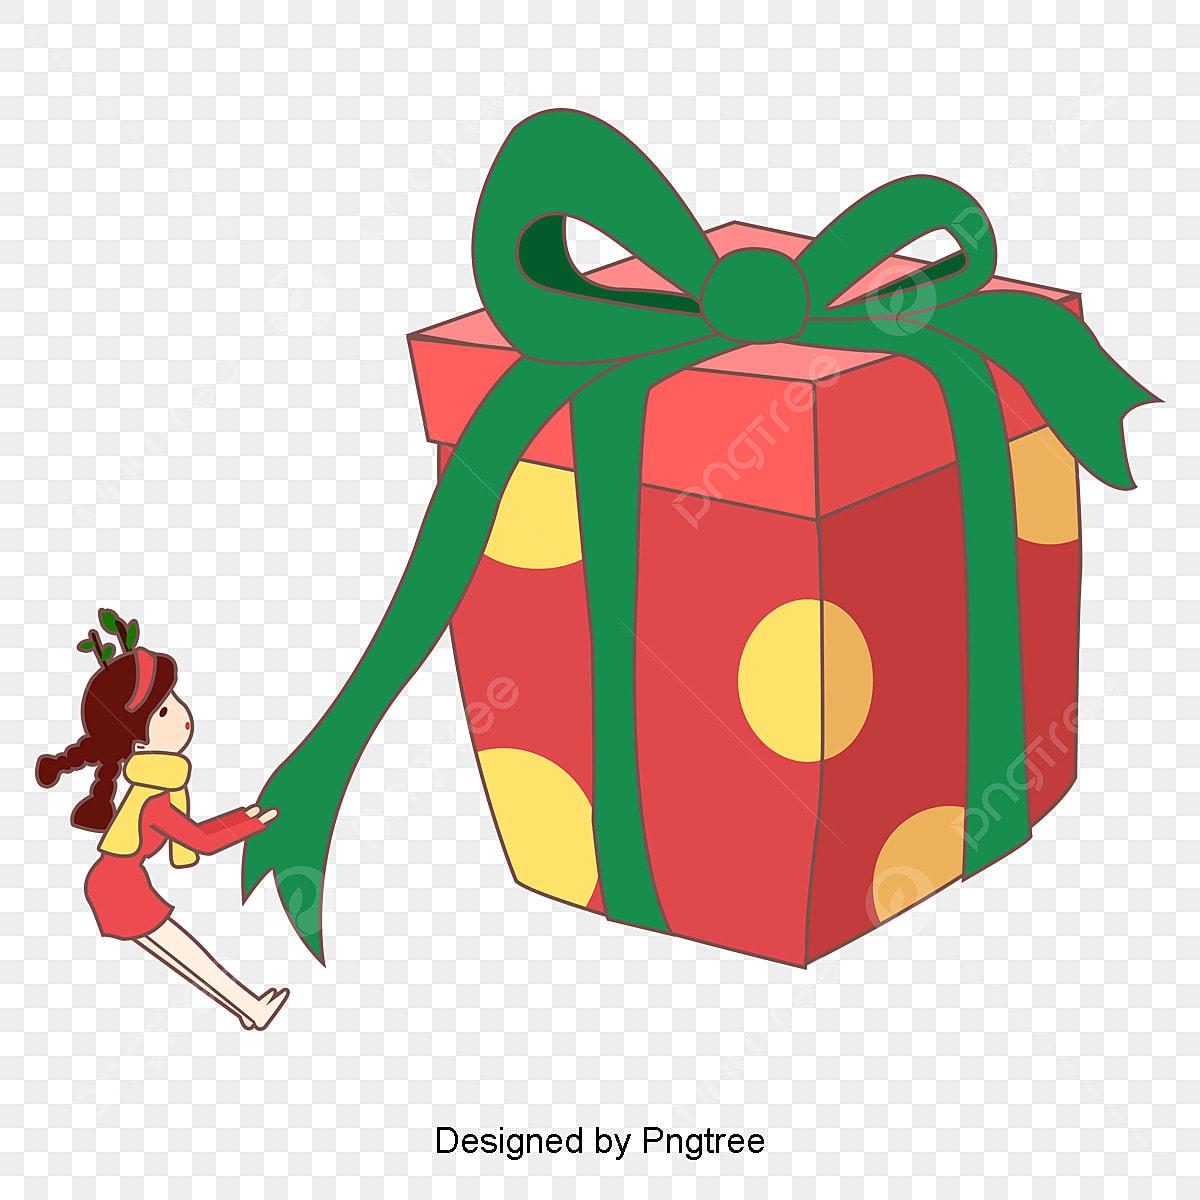 クリスマスプレゼントテーマキャラクター韓国風手描きイラスト